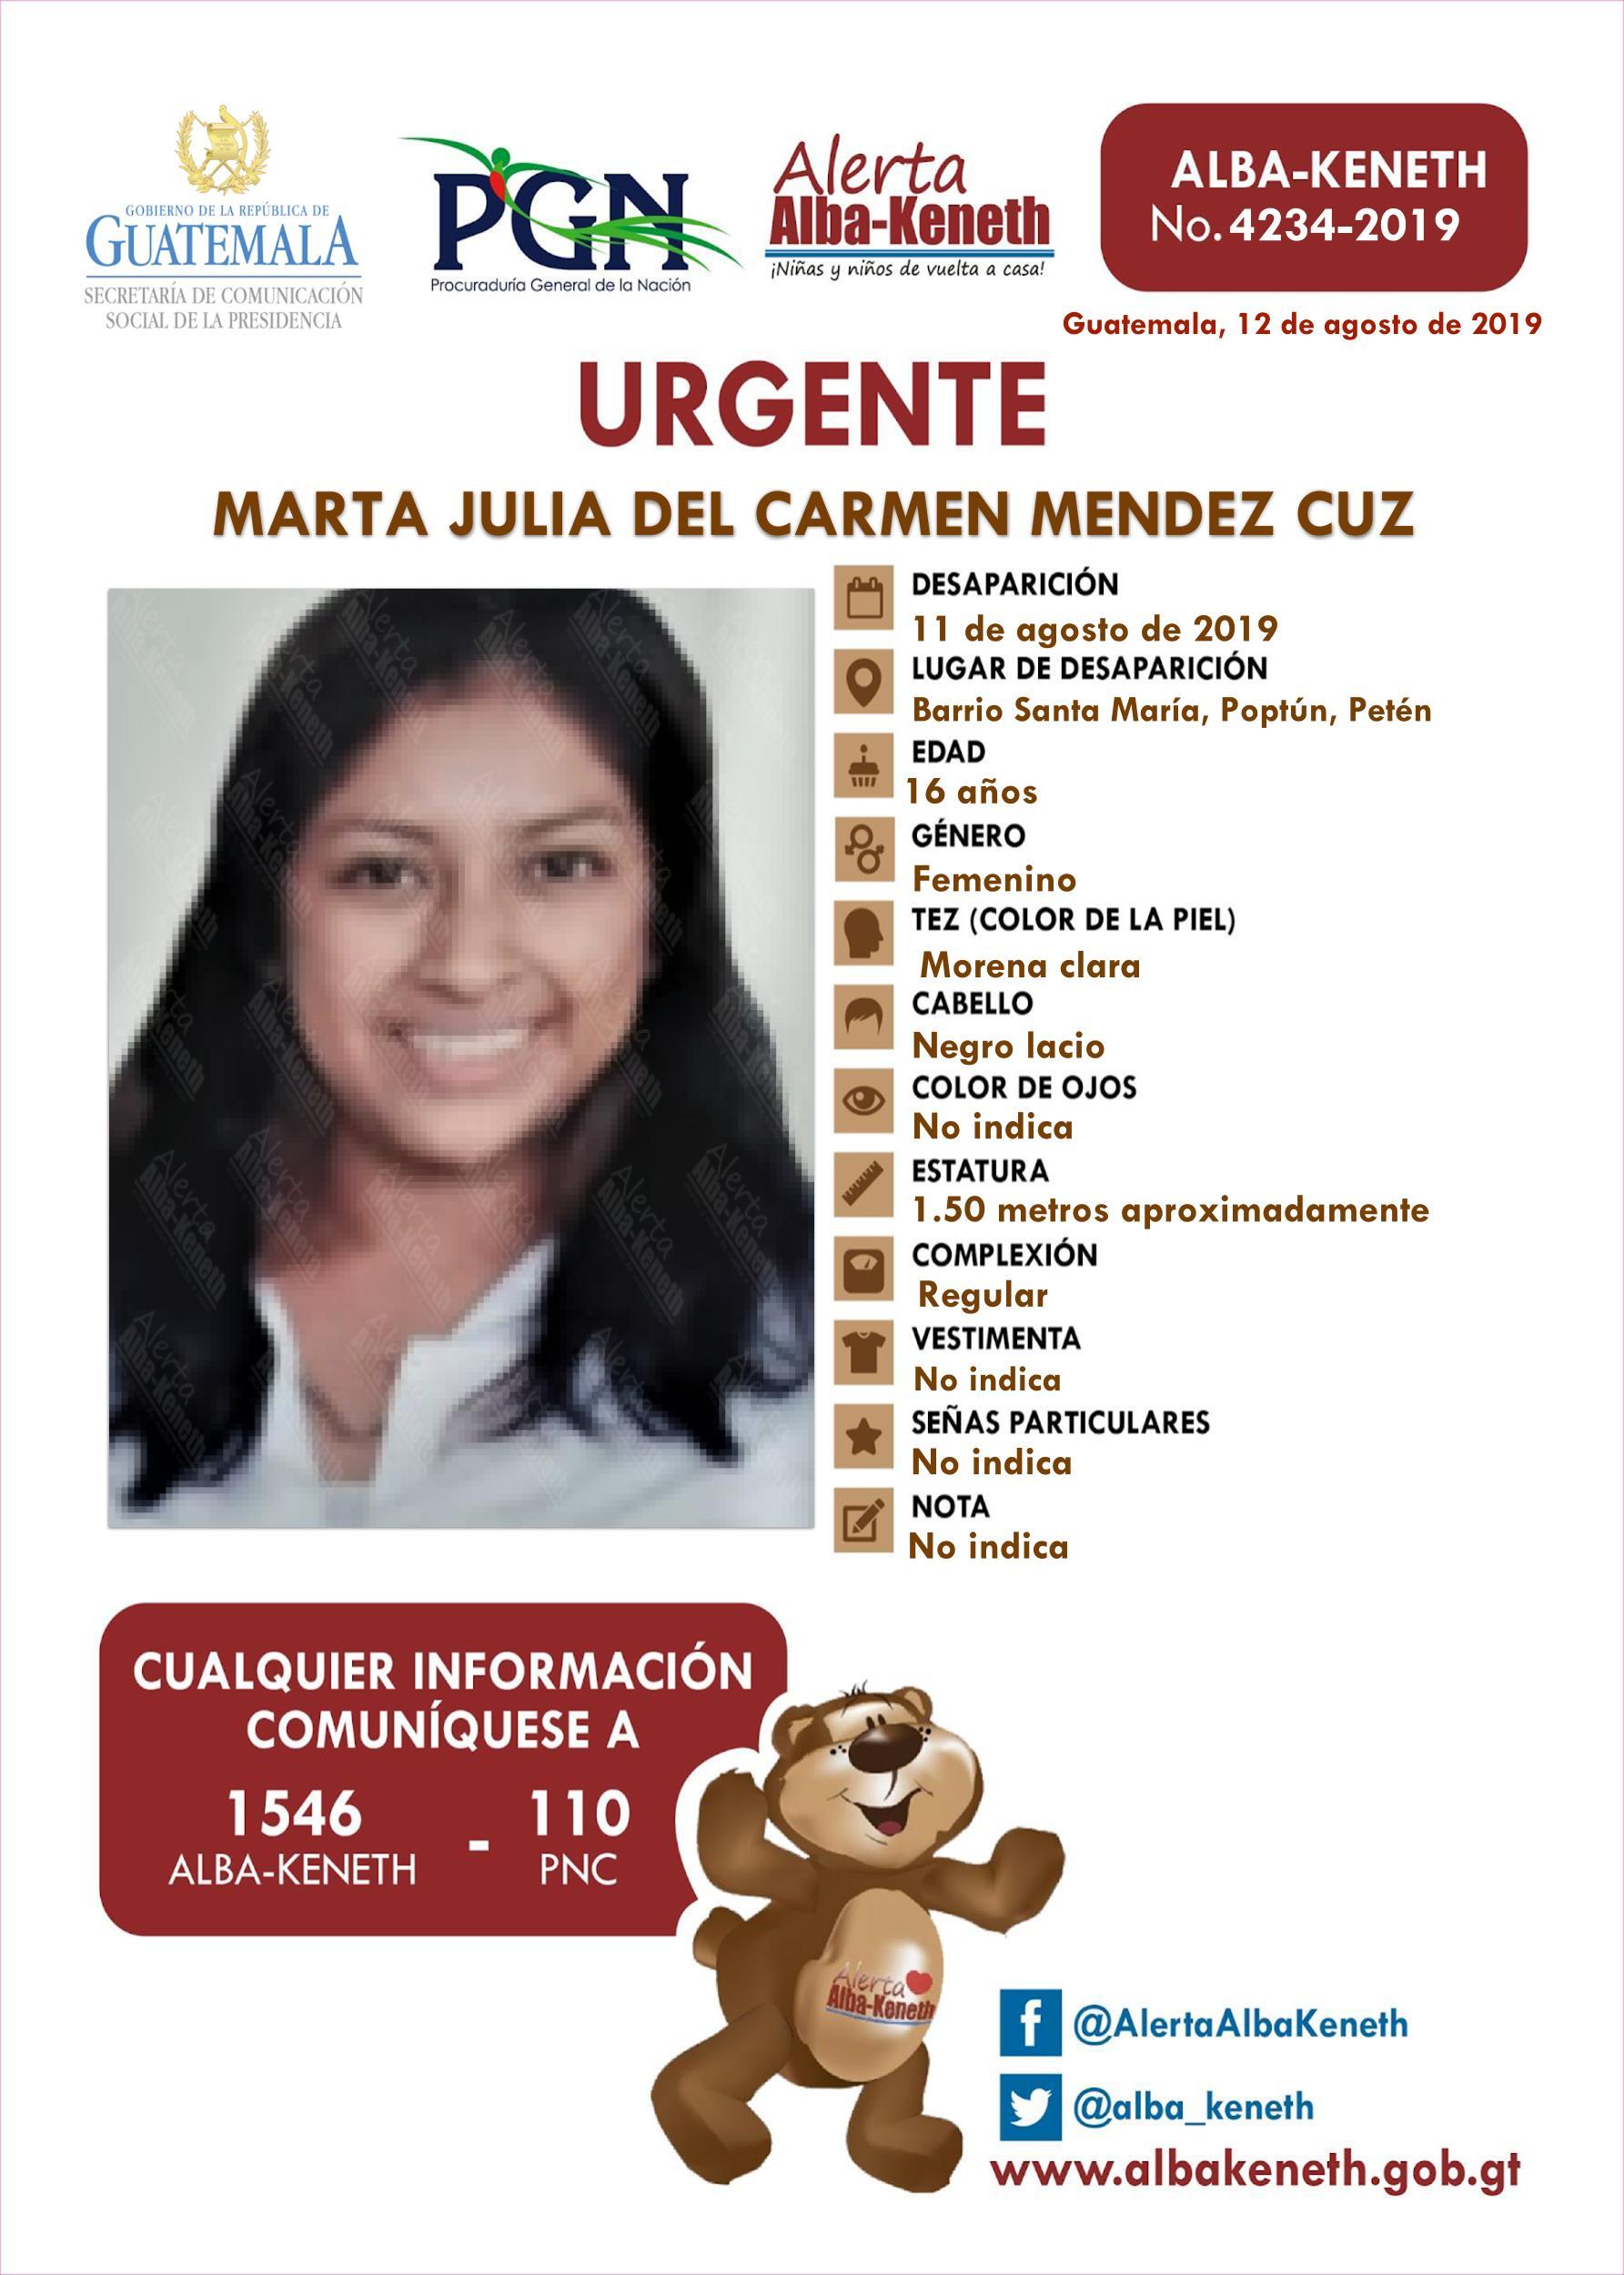 Marta Julia del Carmen Mendez Cuz